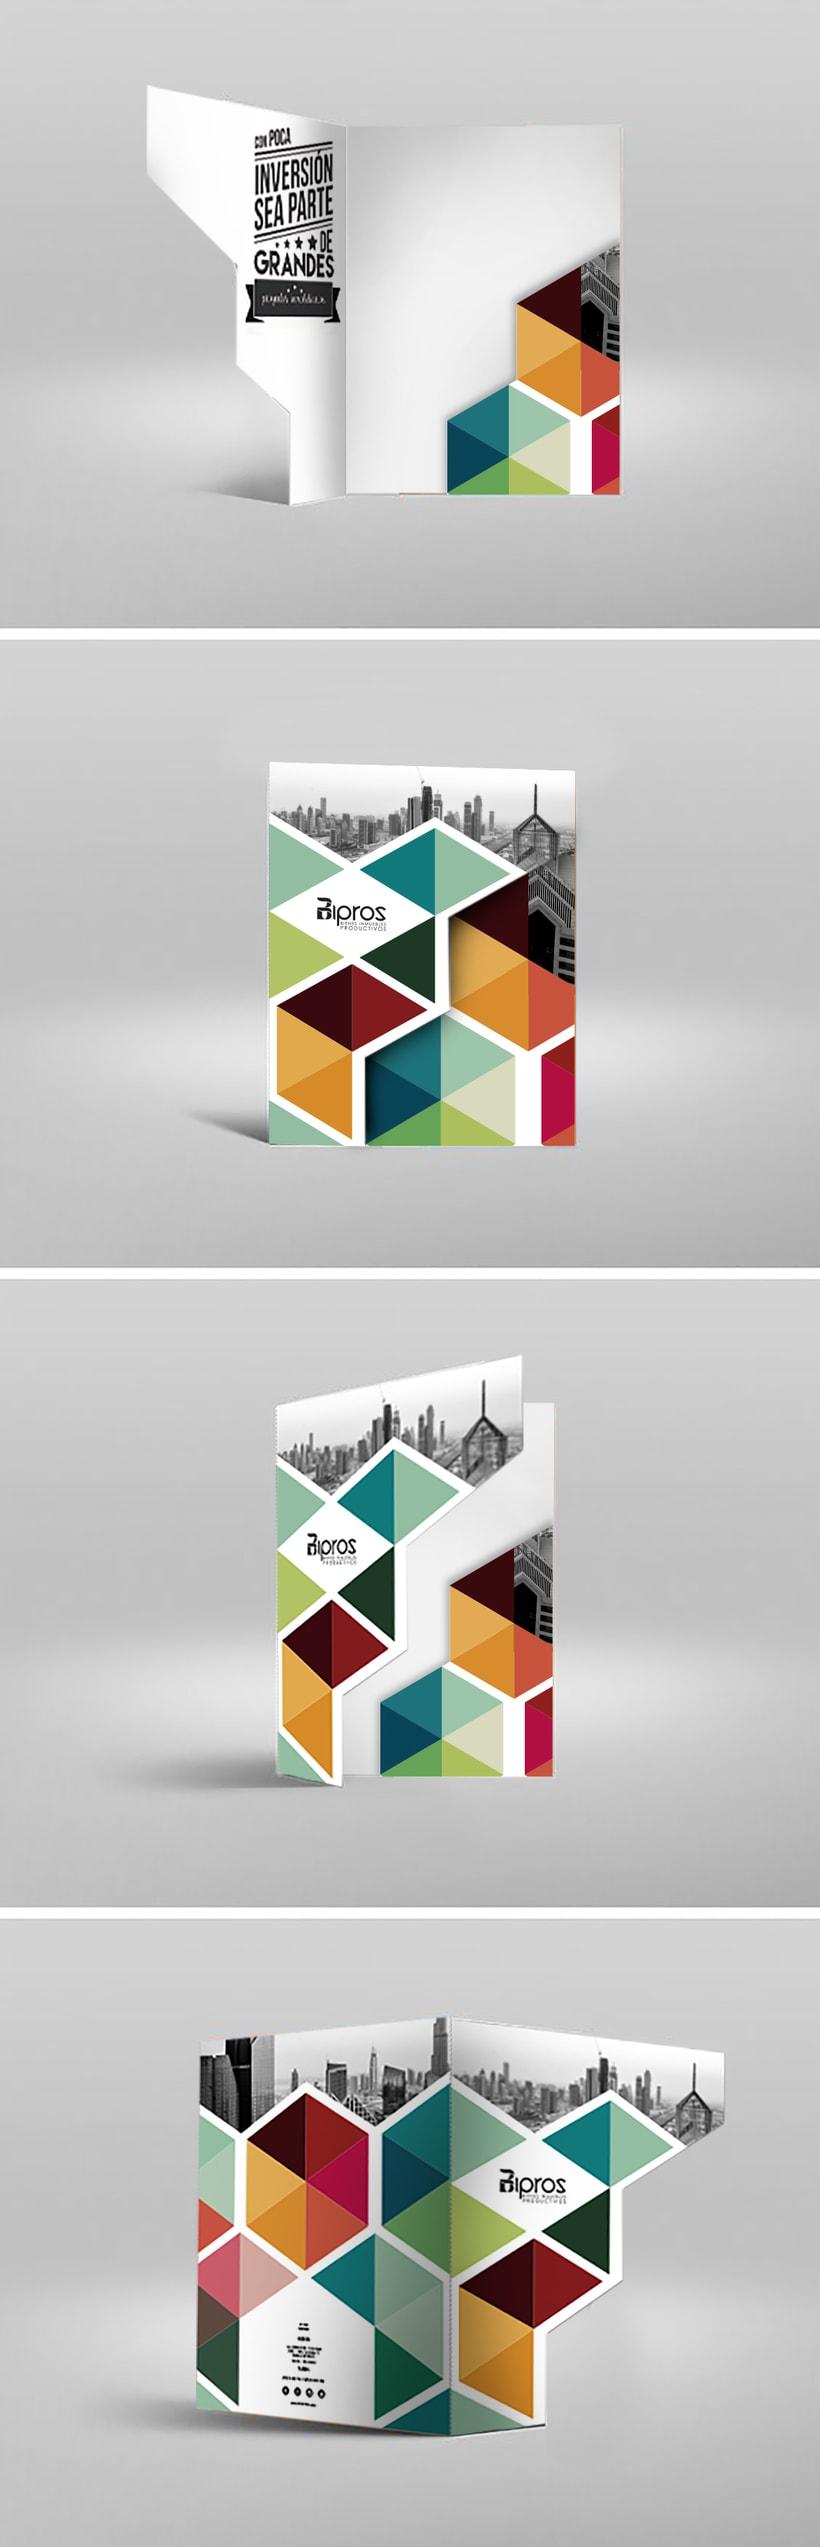 """Diseño """"Bipros"""" 7"""